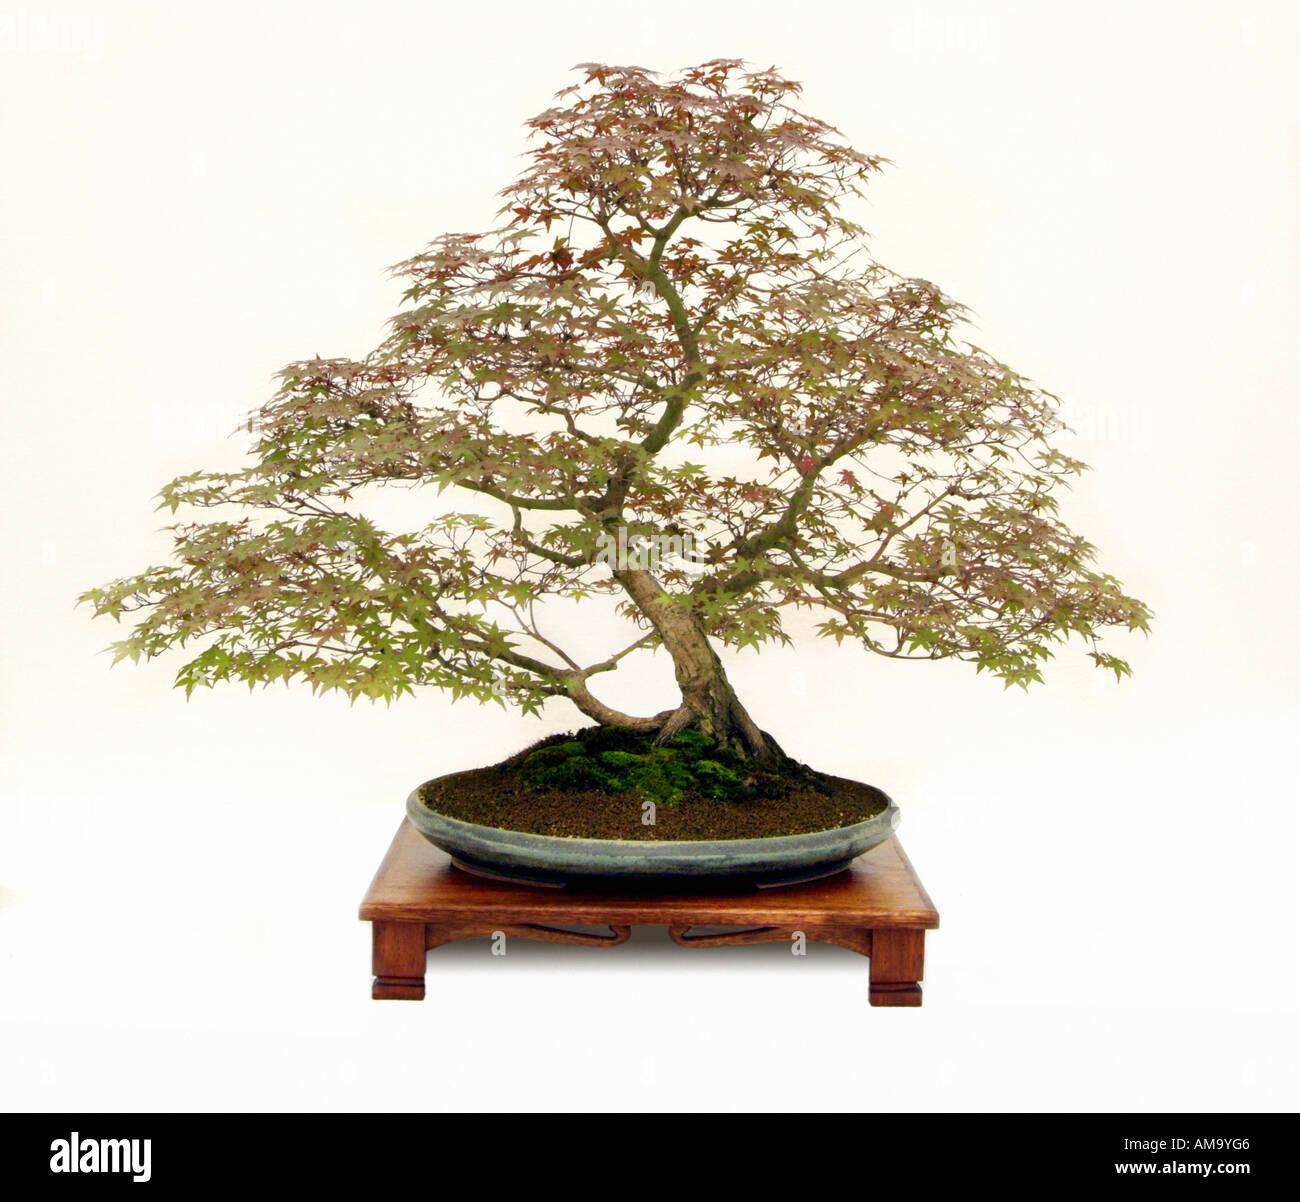 L'érable du Japon Acer palmatum Deshojo bonsai style vertical informel chinois bonzai japonais Chine Japon Moyen-orient oriental de l'ori Banque D'Images